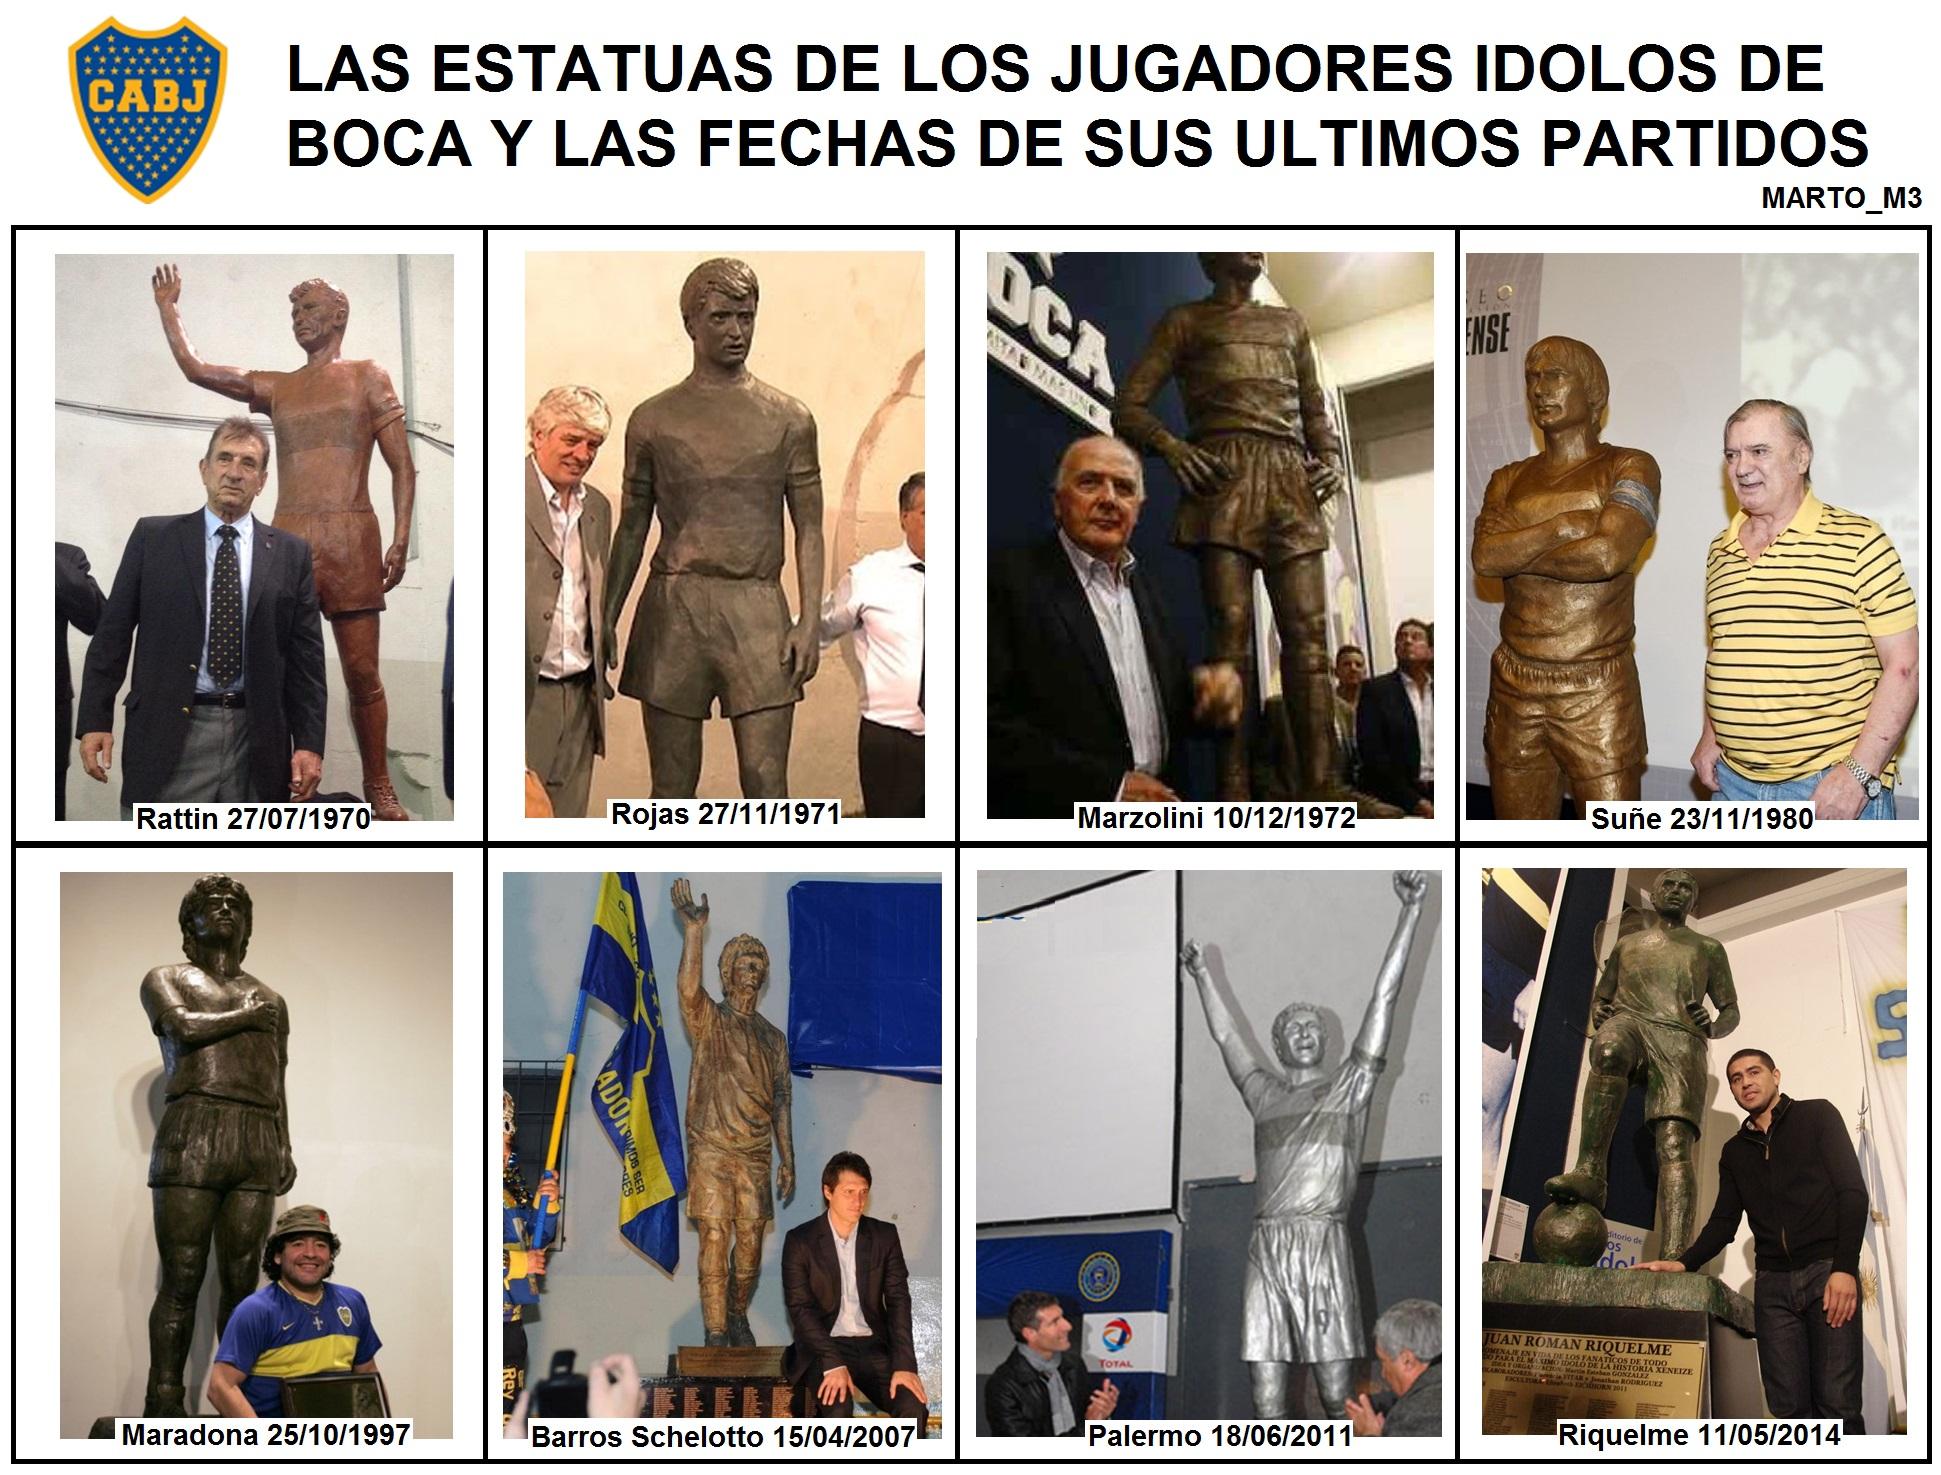 Estatuas Idolos jugadores.jpg